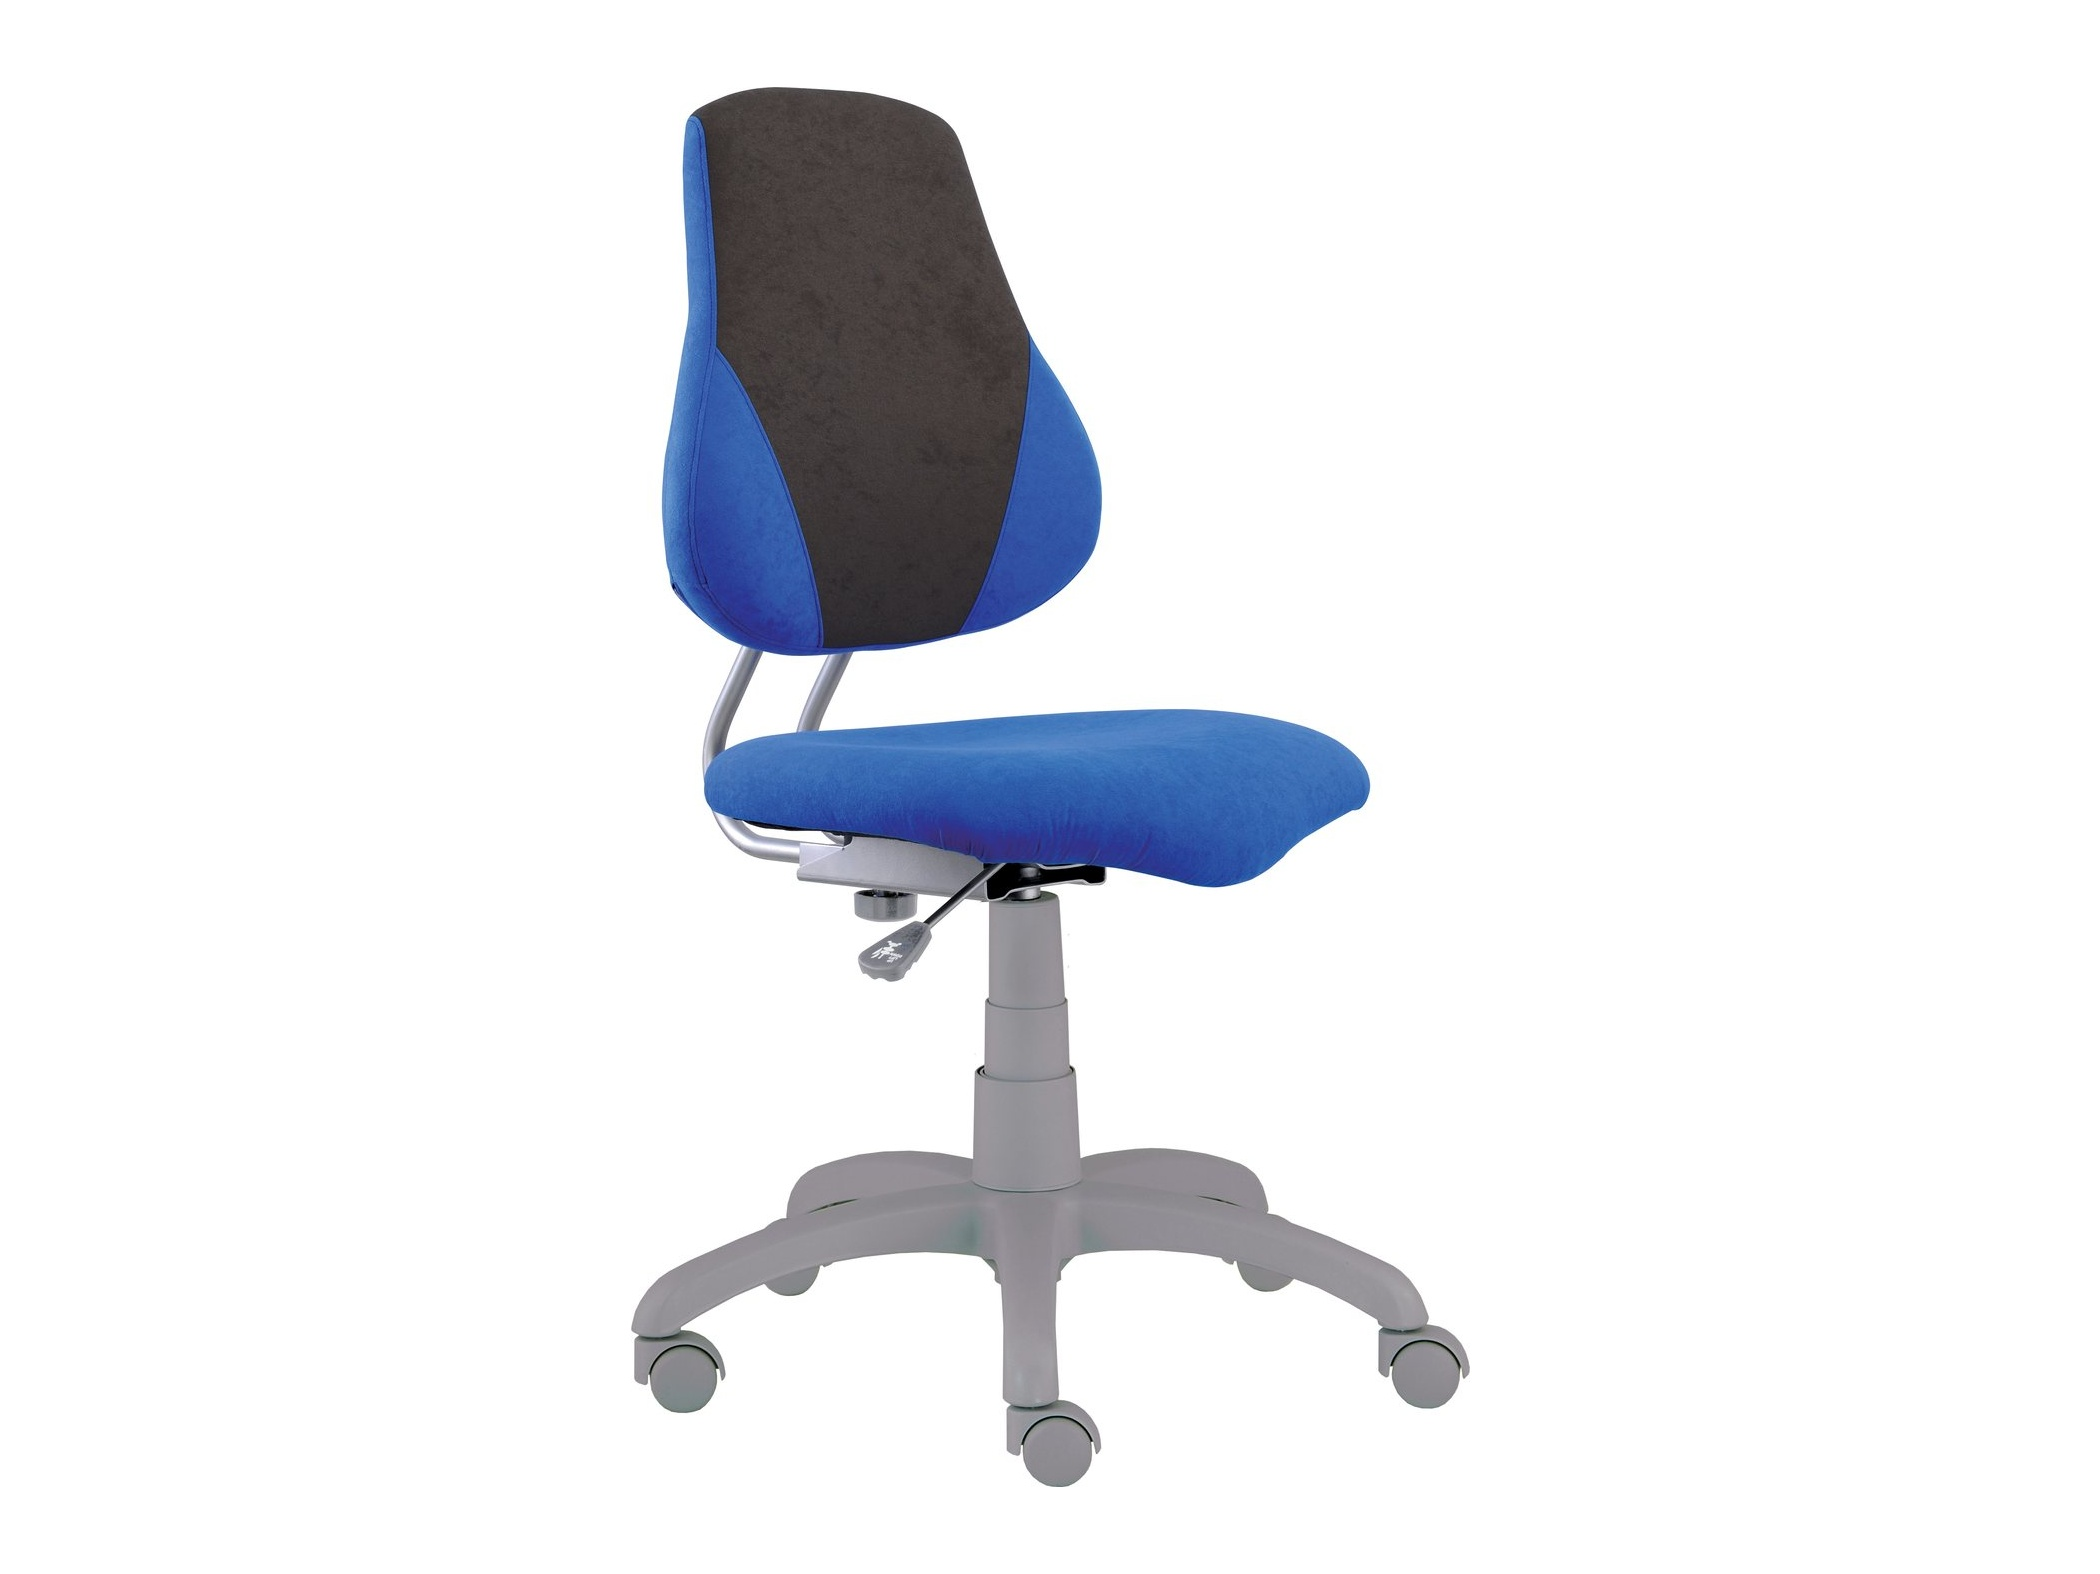 Dětská židle FUXO V, modrá/šedá